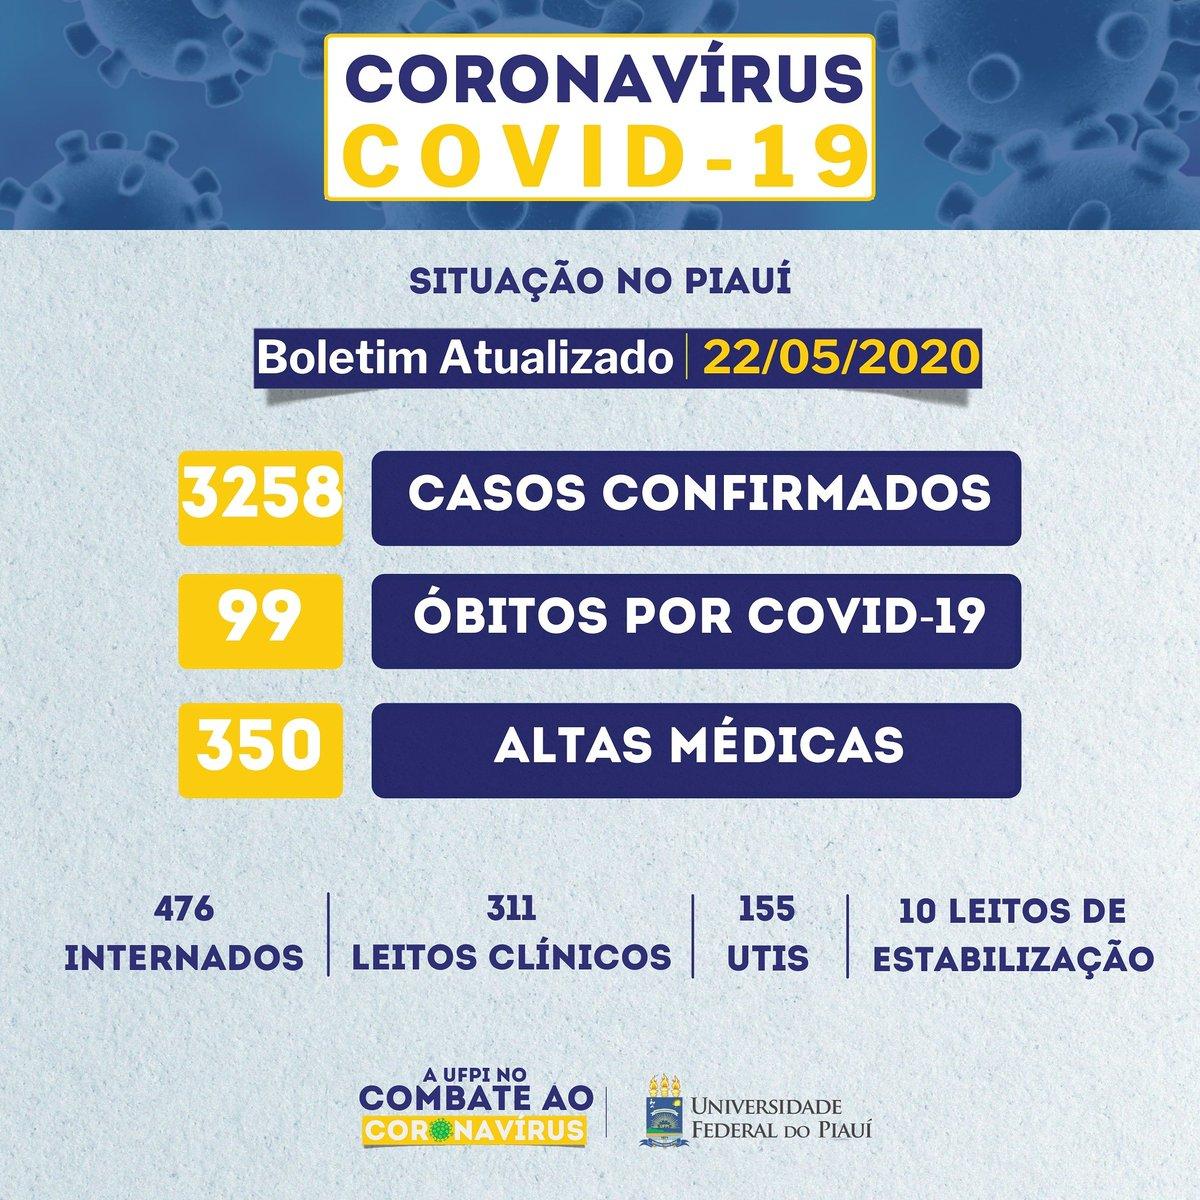 📝Boletim Atualizado da situação do Piauí  📍Hoje, sexta-feira, dia 22/05,foi registrado no Piauí 184 novos casos e 6 óbitos.  🏡Para diminuir os números de casos, fique em casa, se puder.  😷Se precisar sair, use máscara.  #ufpi #minhaufpi #quarentena